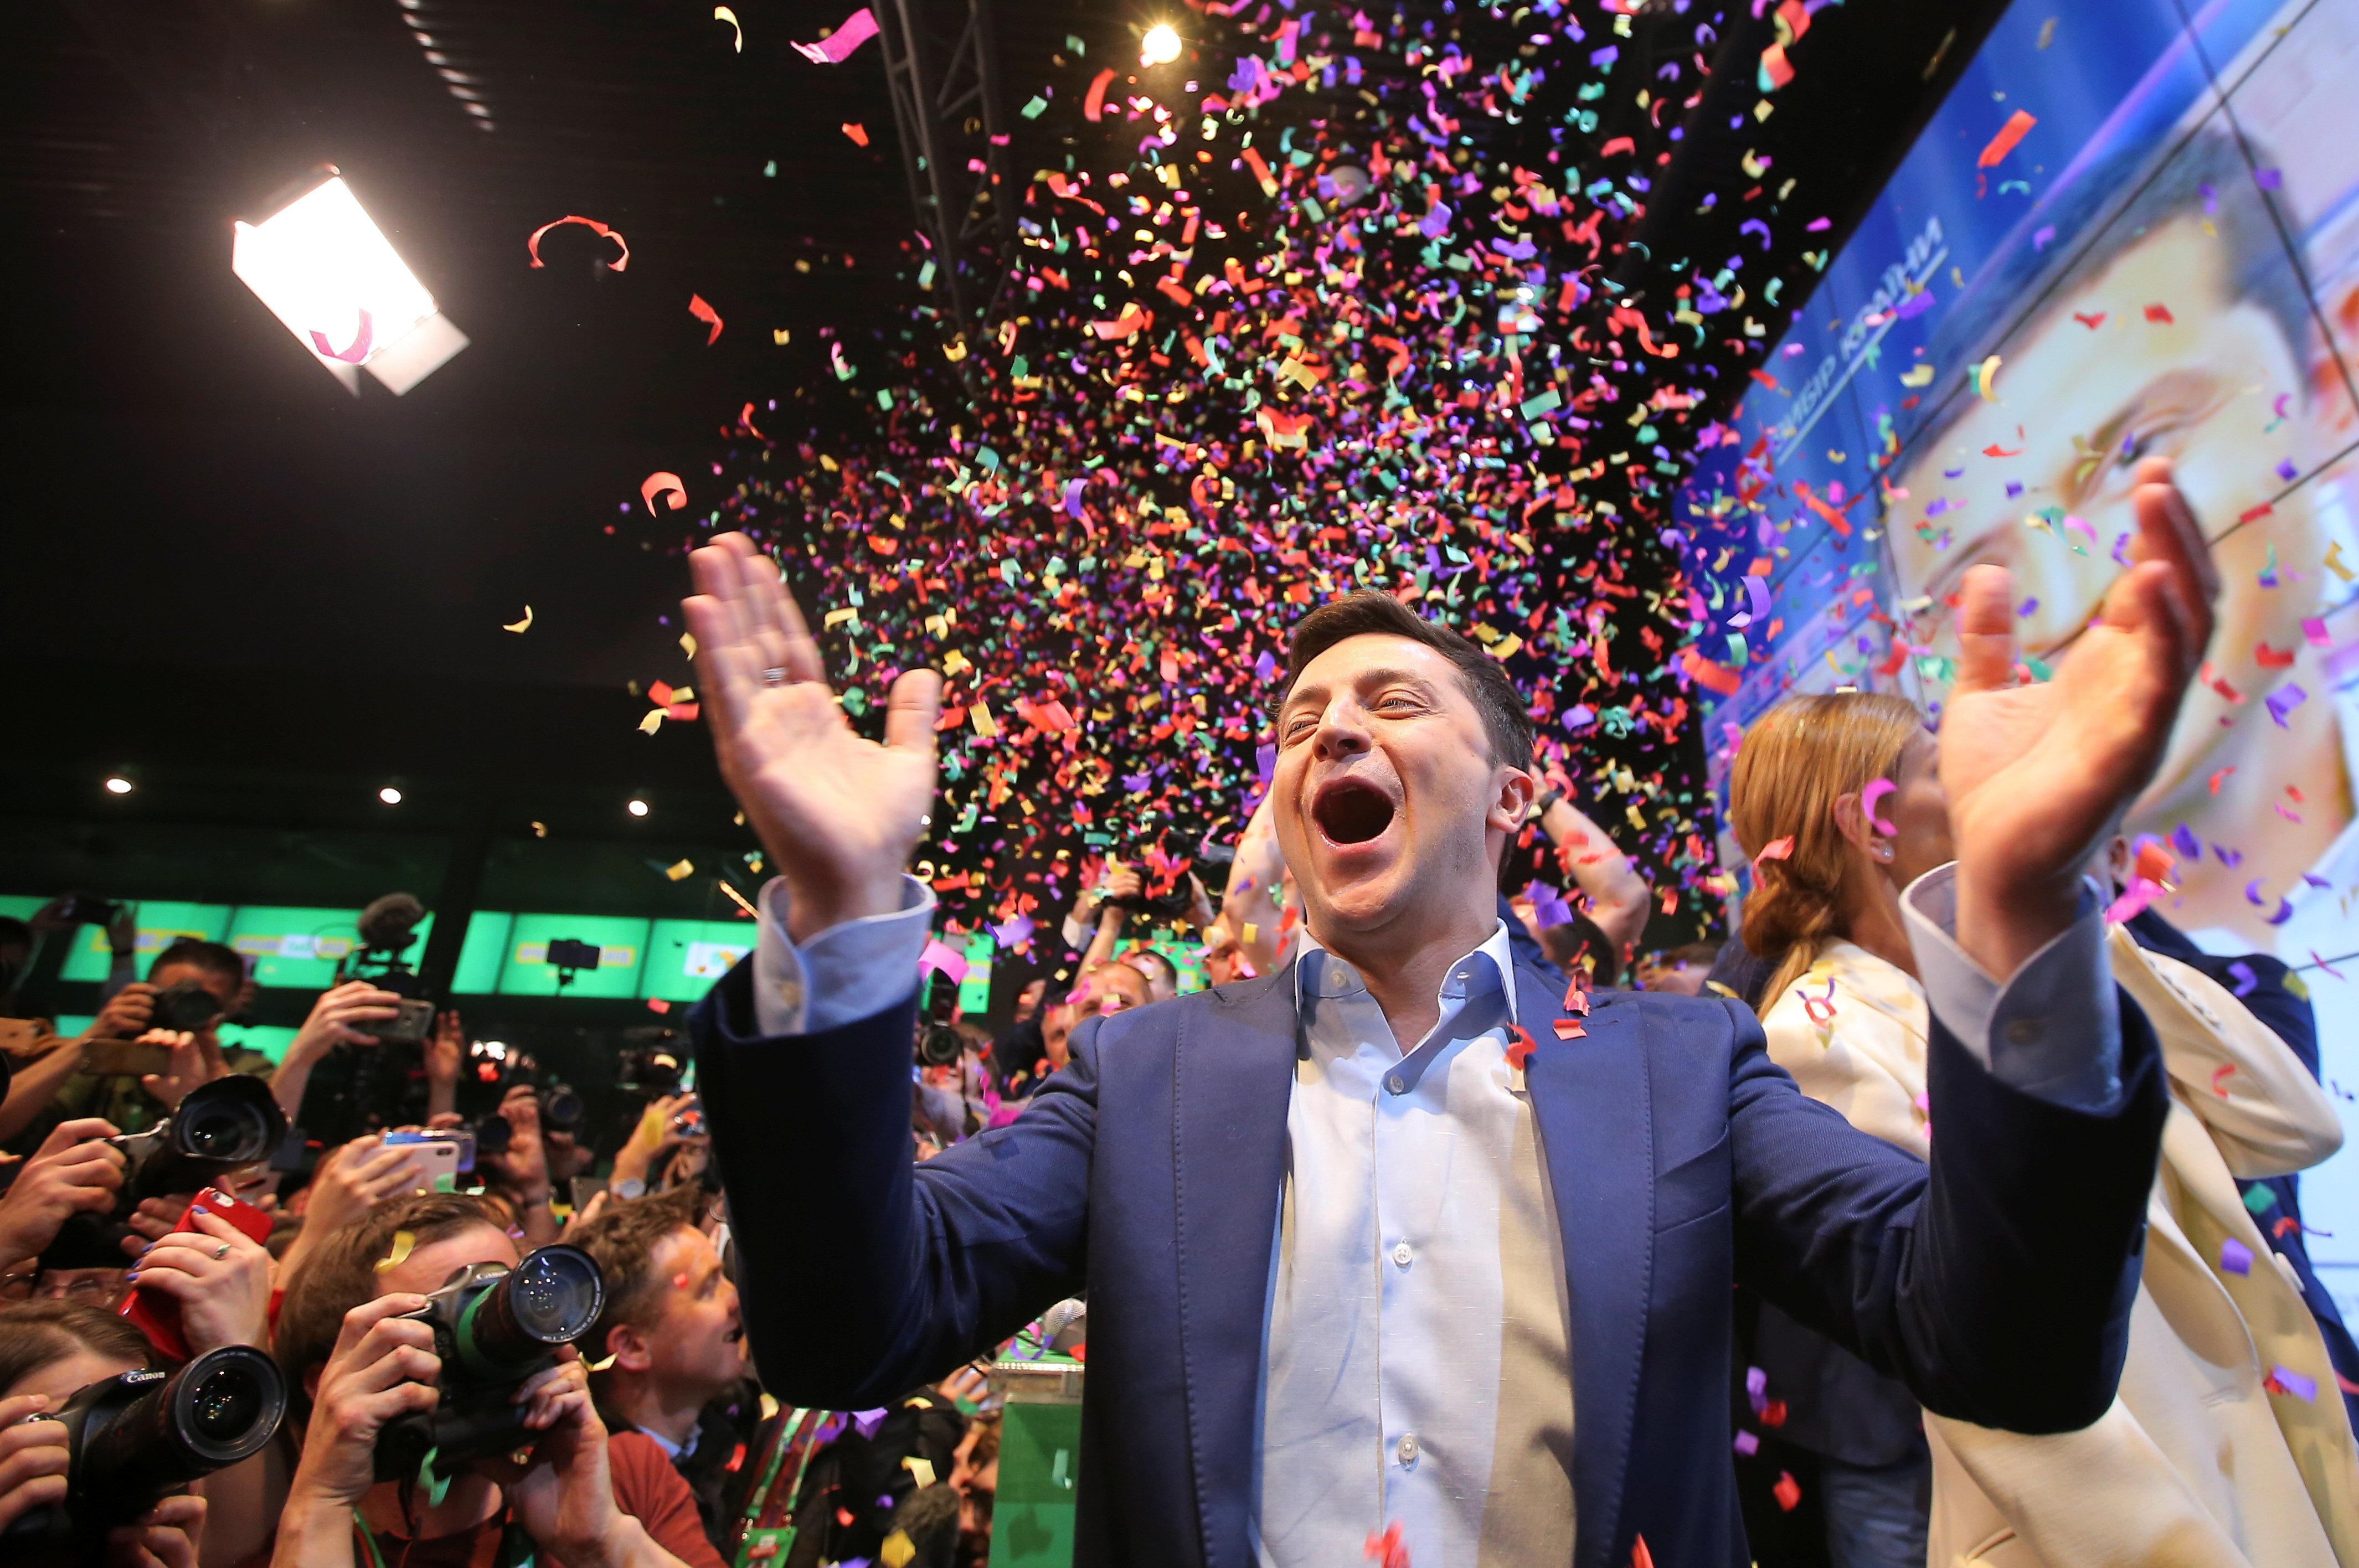 El cómico Vladimir Zelenski gana las elecciones en